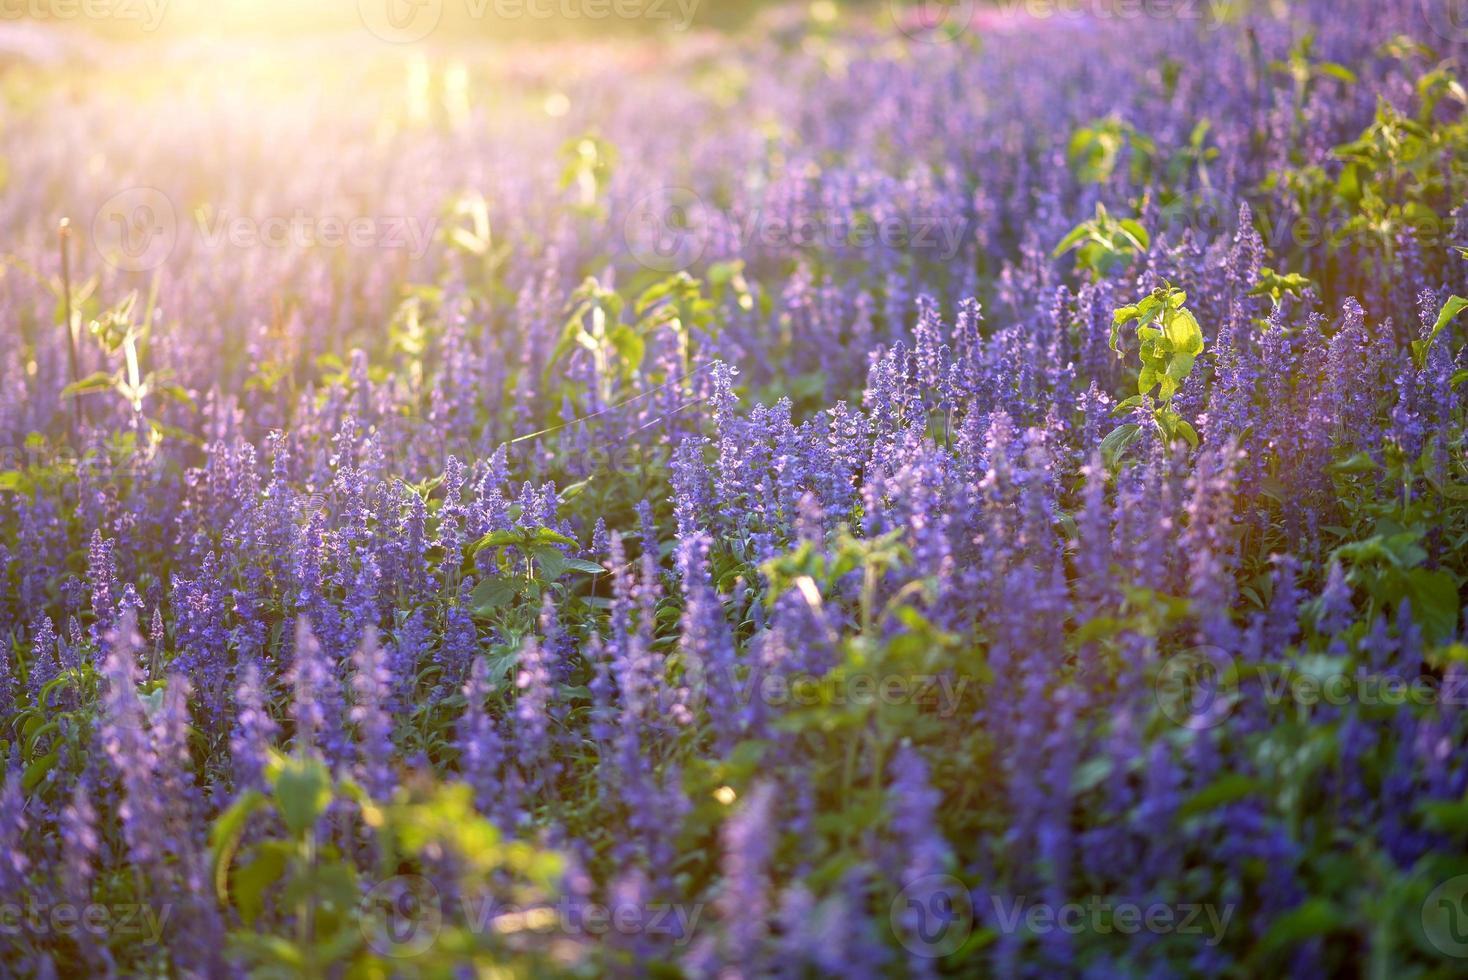 fiori blu di salvia sulla luce serale del sole foto